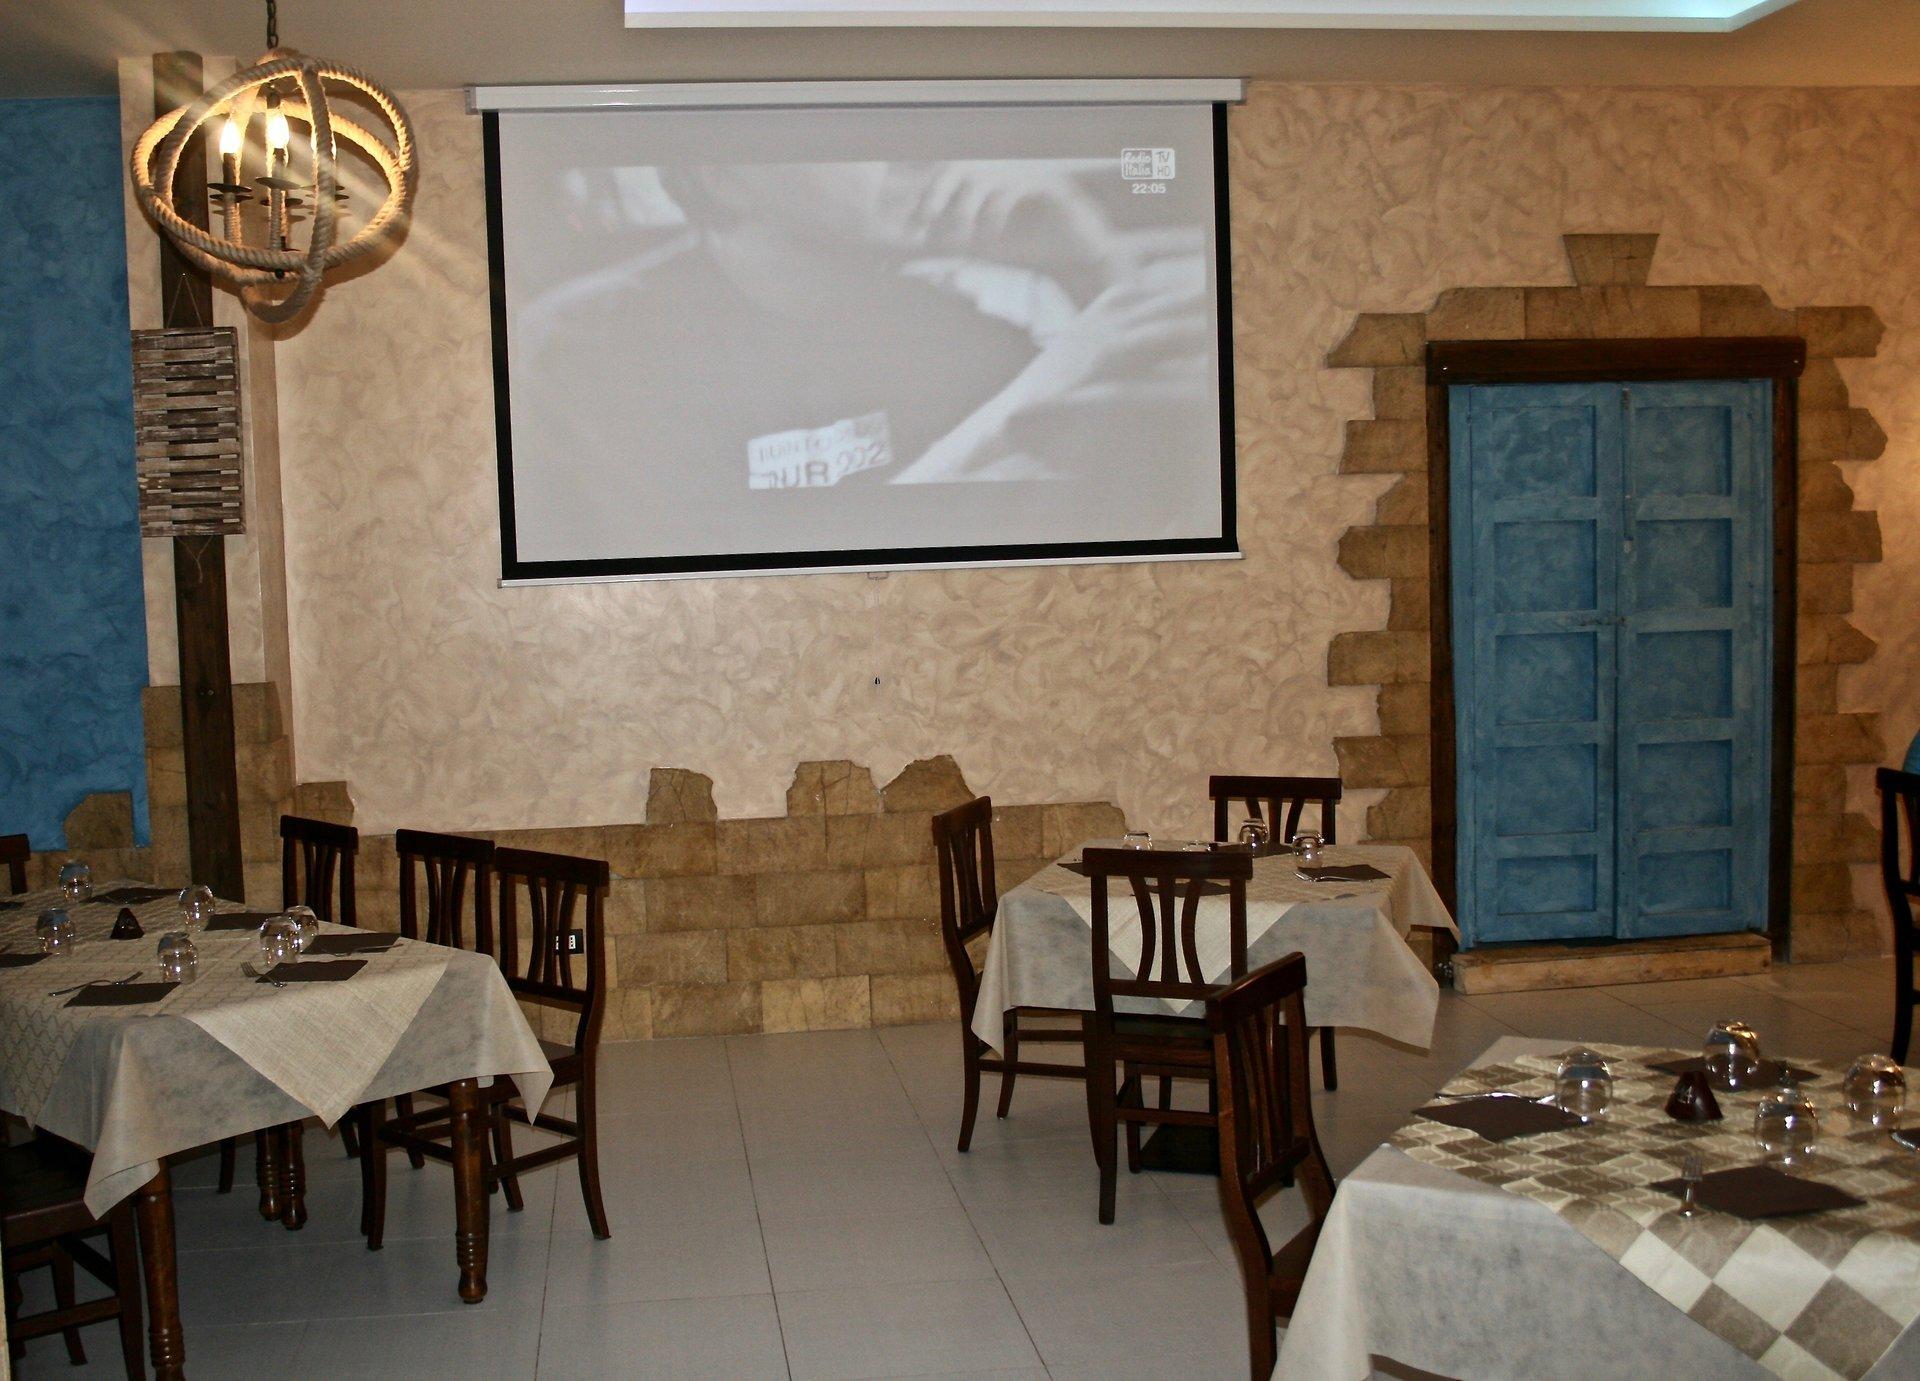 interno del ristorante con un maxischermo